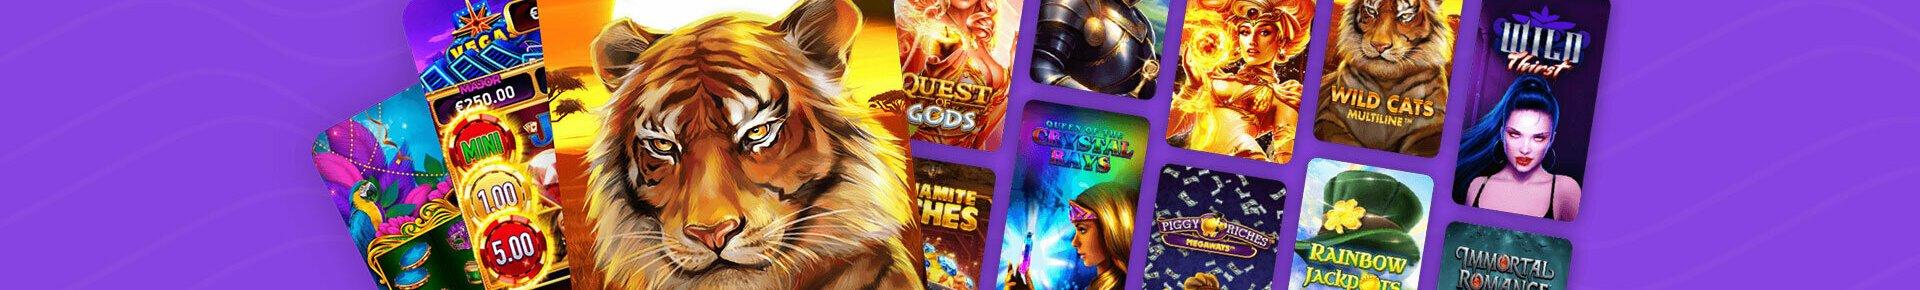 Lottomart casino review NZ